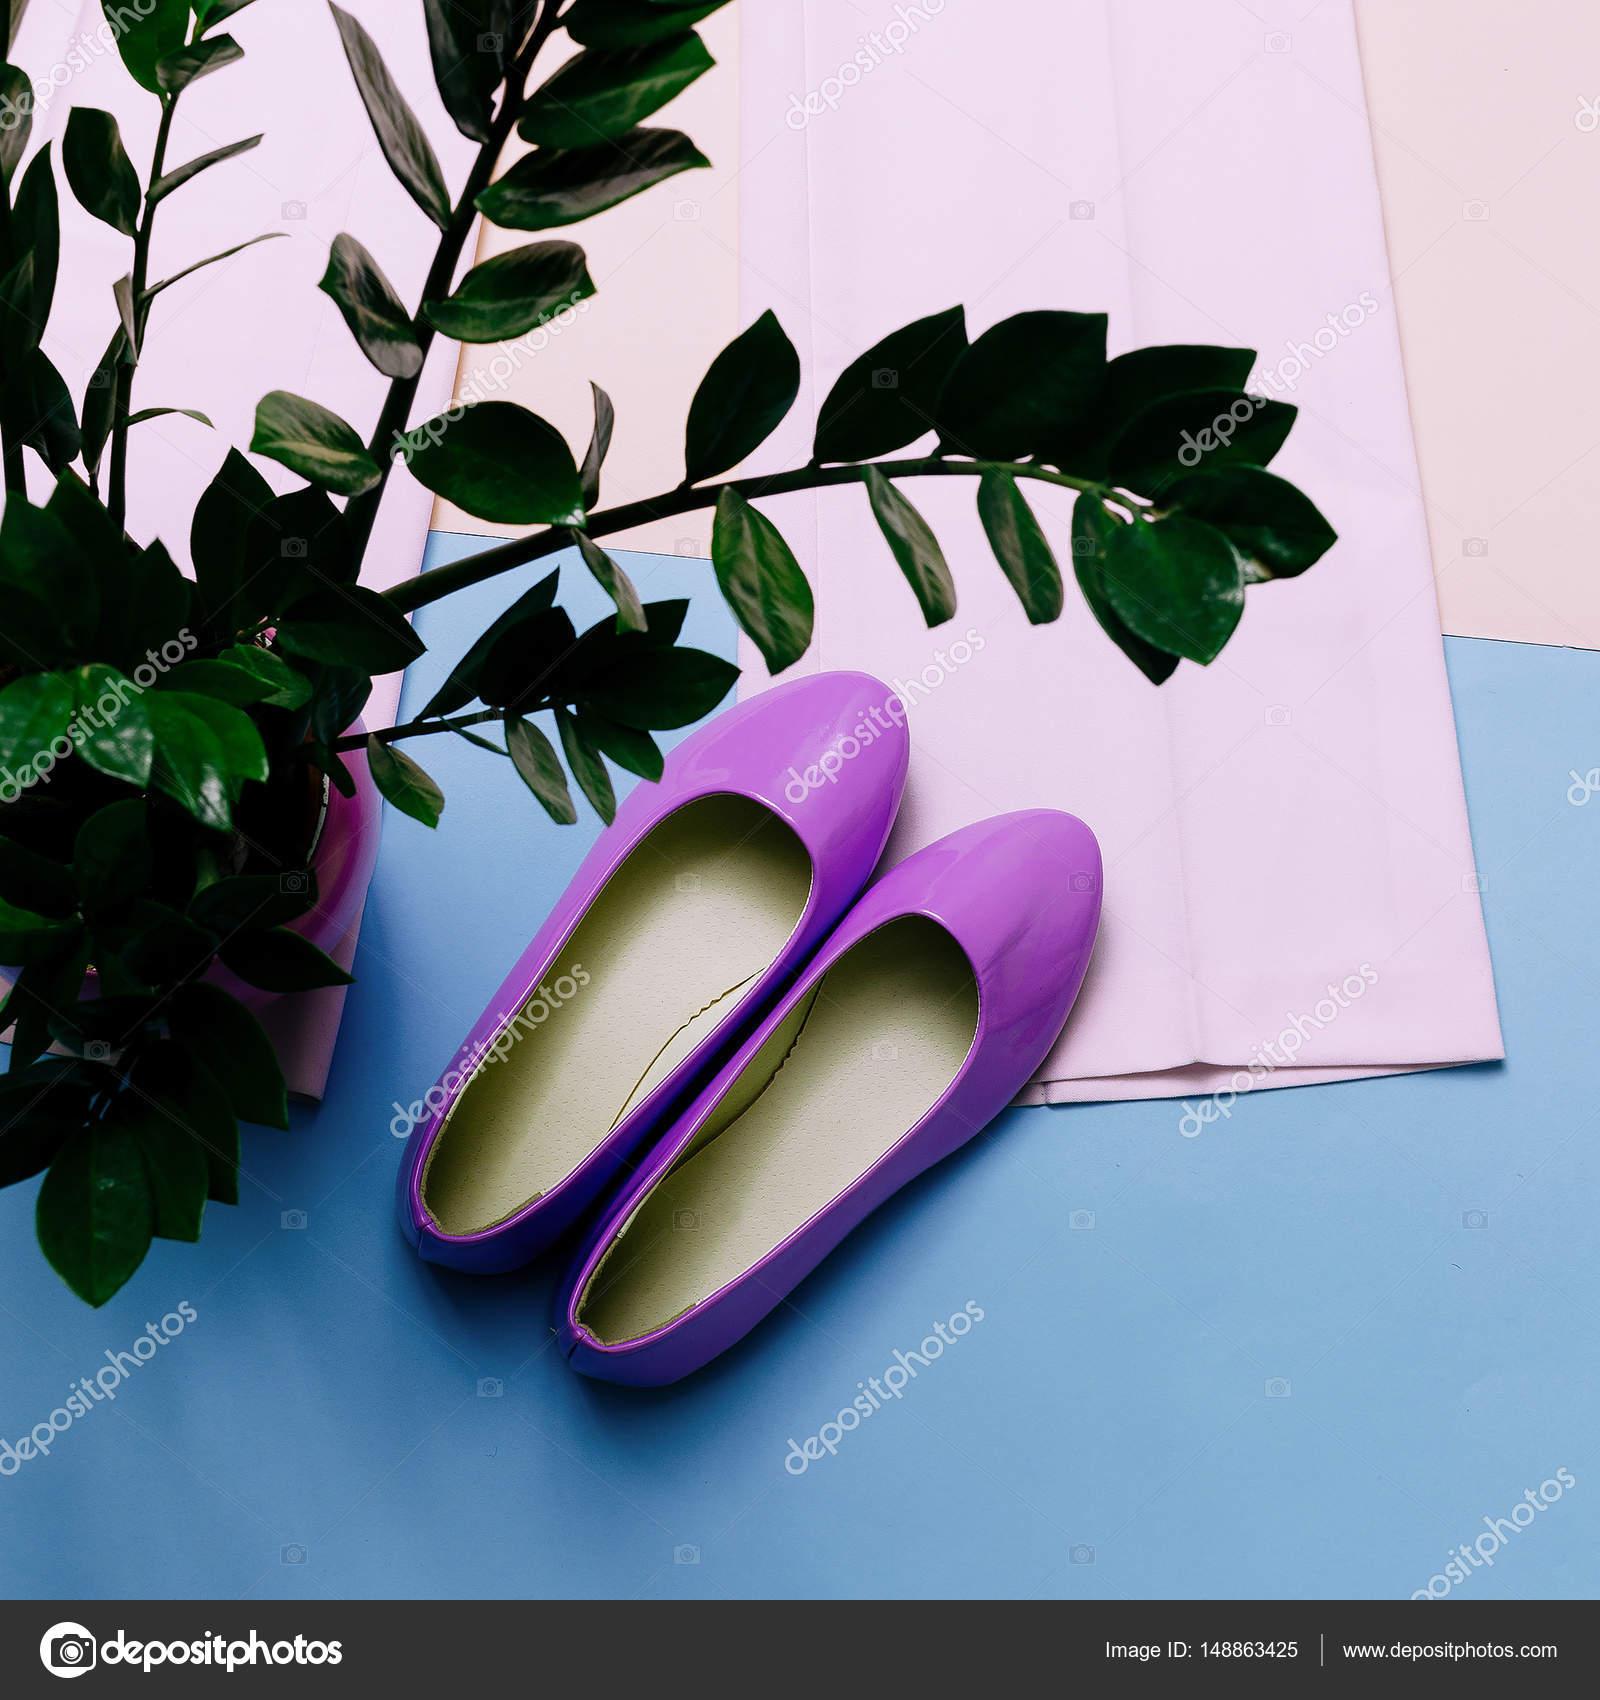 978ddb096ddb66 Стильний літнє взуття. Пастельні кольори є тенденція. Модного одягу — стокове  фото